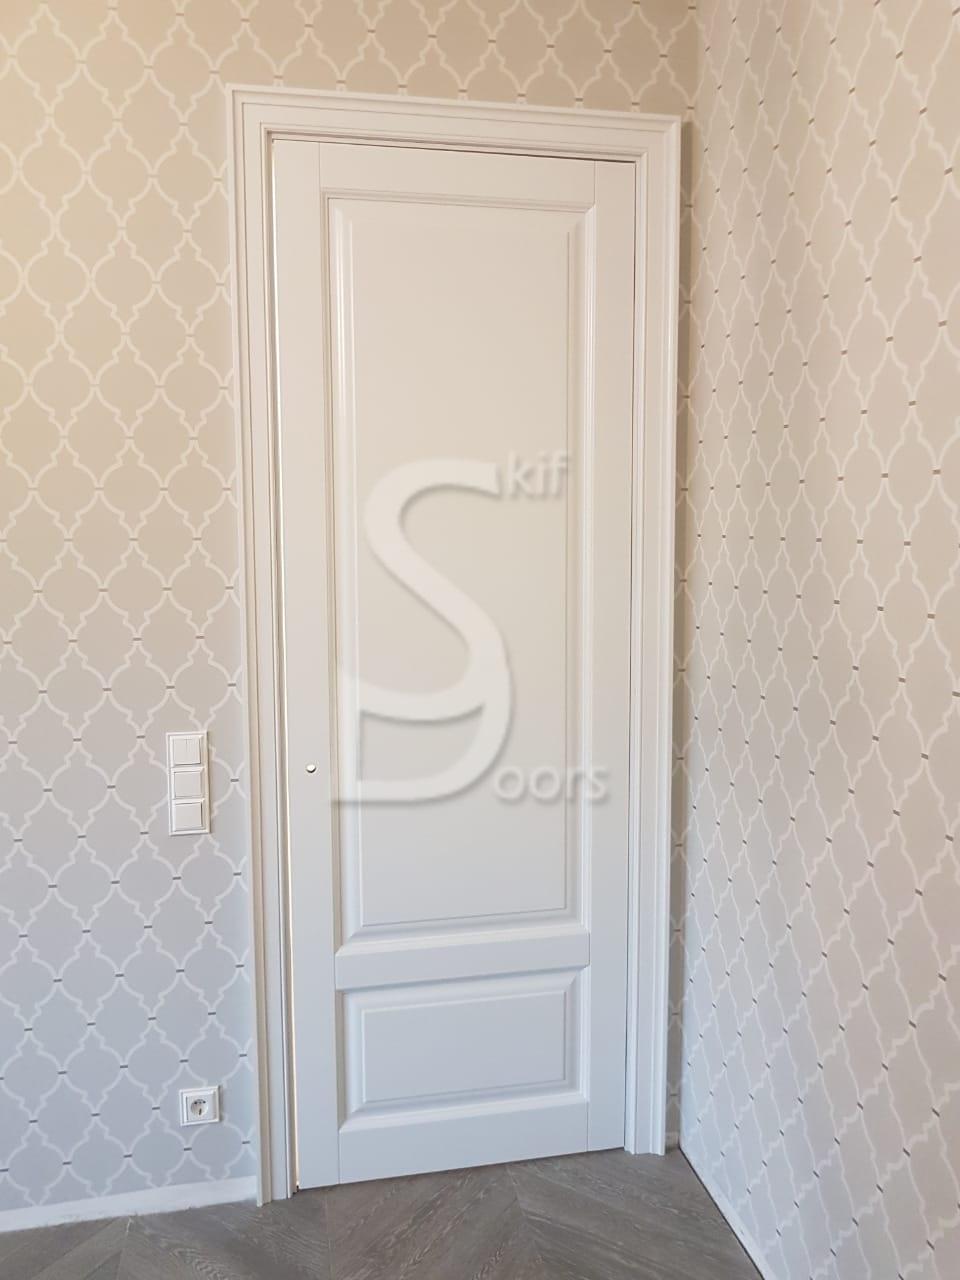 Doors 2019-2020 (13)